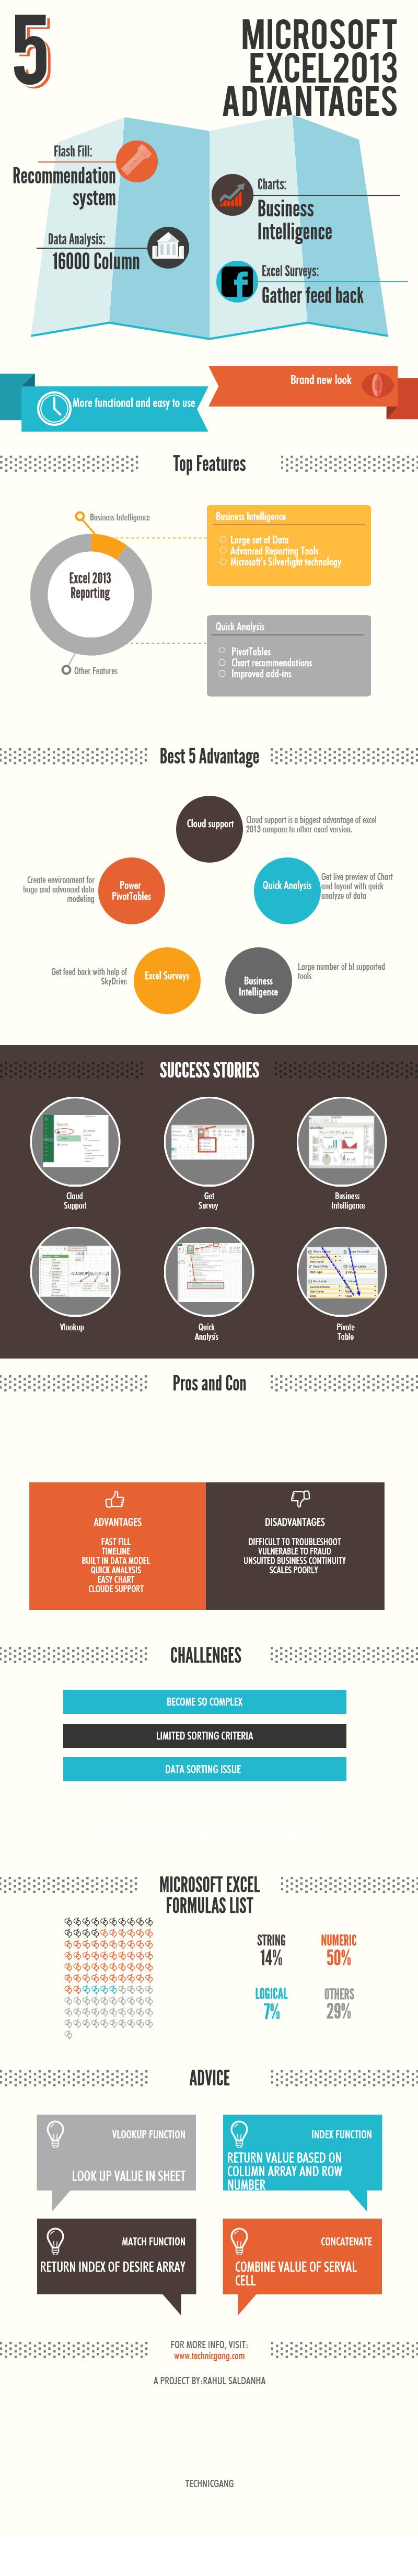 excel 2013 advantages Infographic